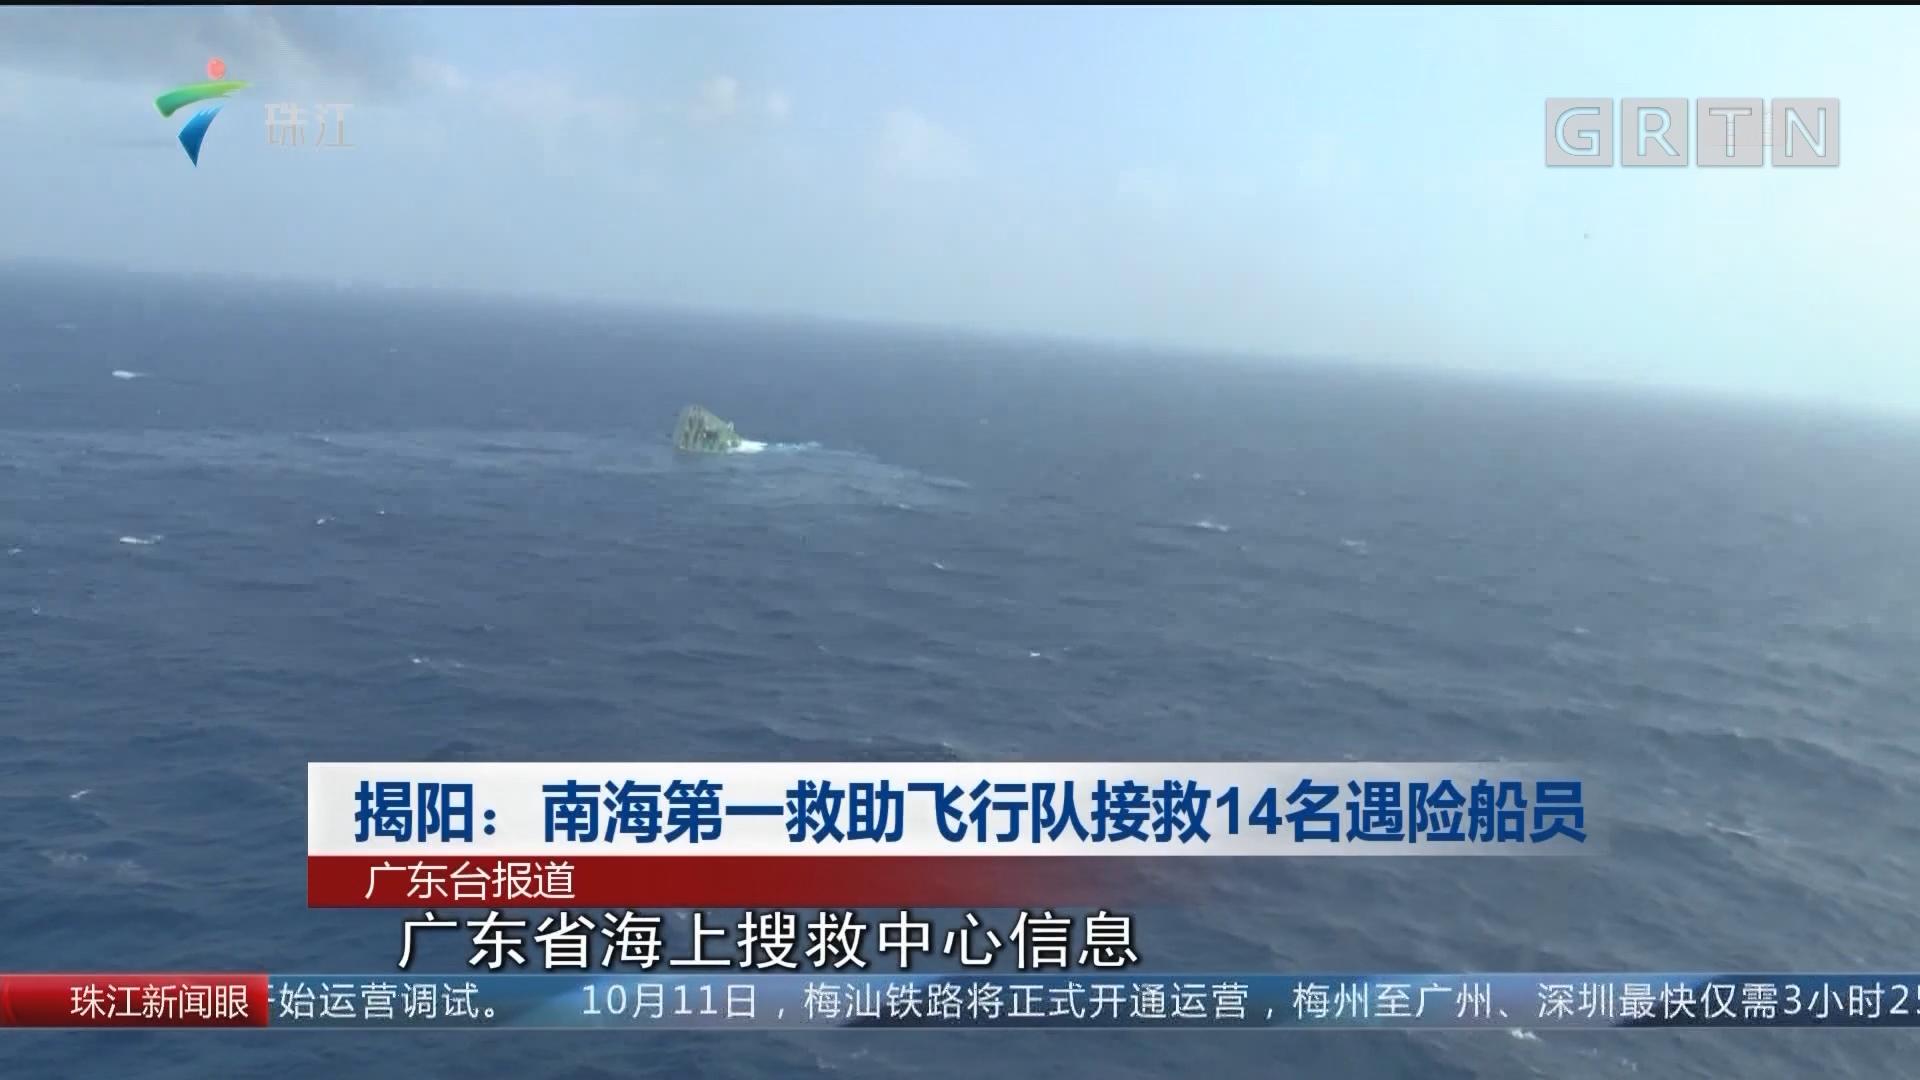 揭阳:南海第一救助飞行队接救14名遇险船员